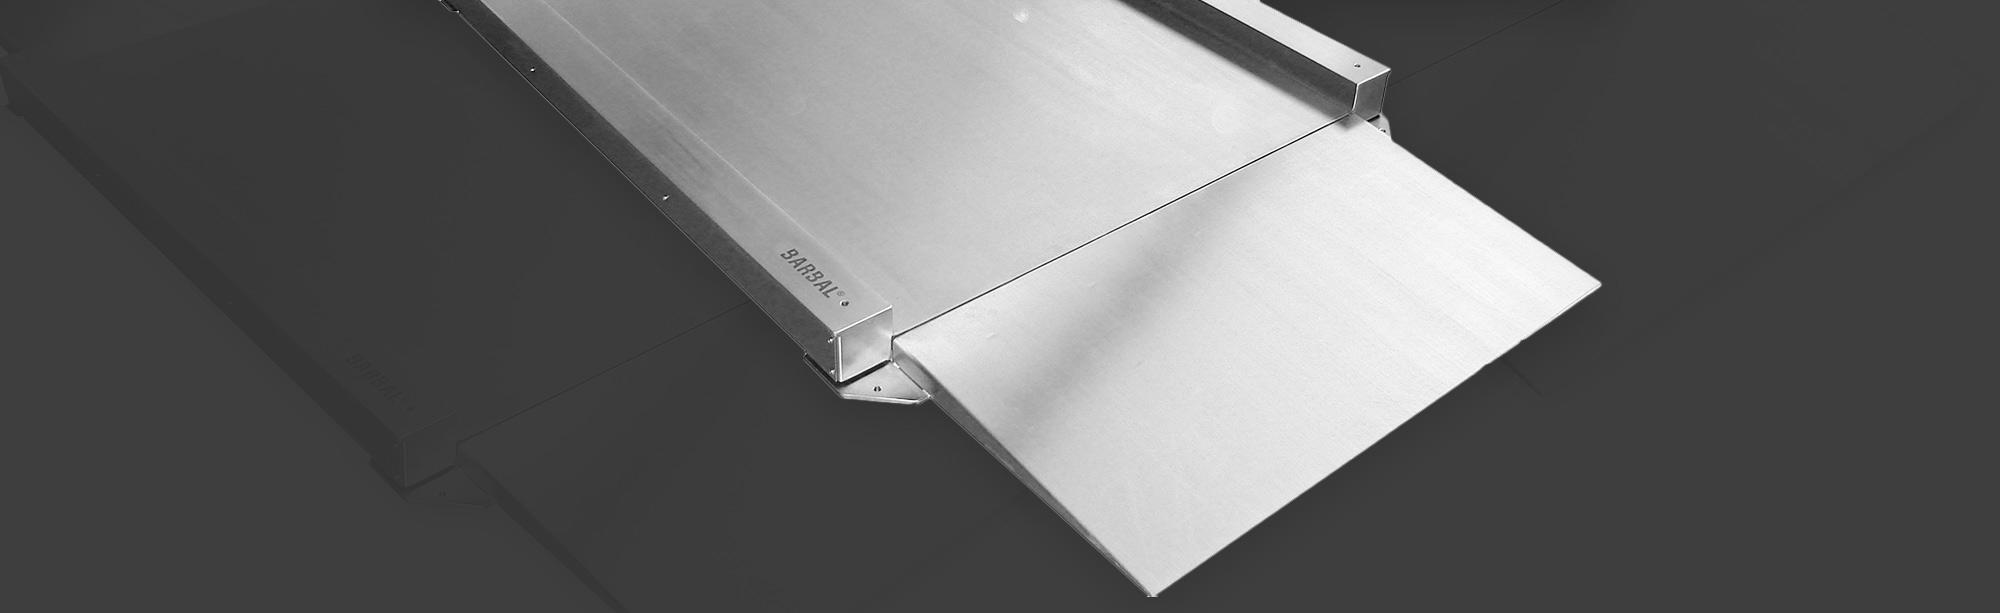 Benefícios da utilização de balanças industriais em aço inoxidável